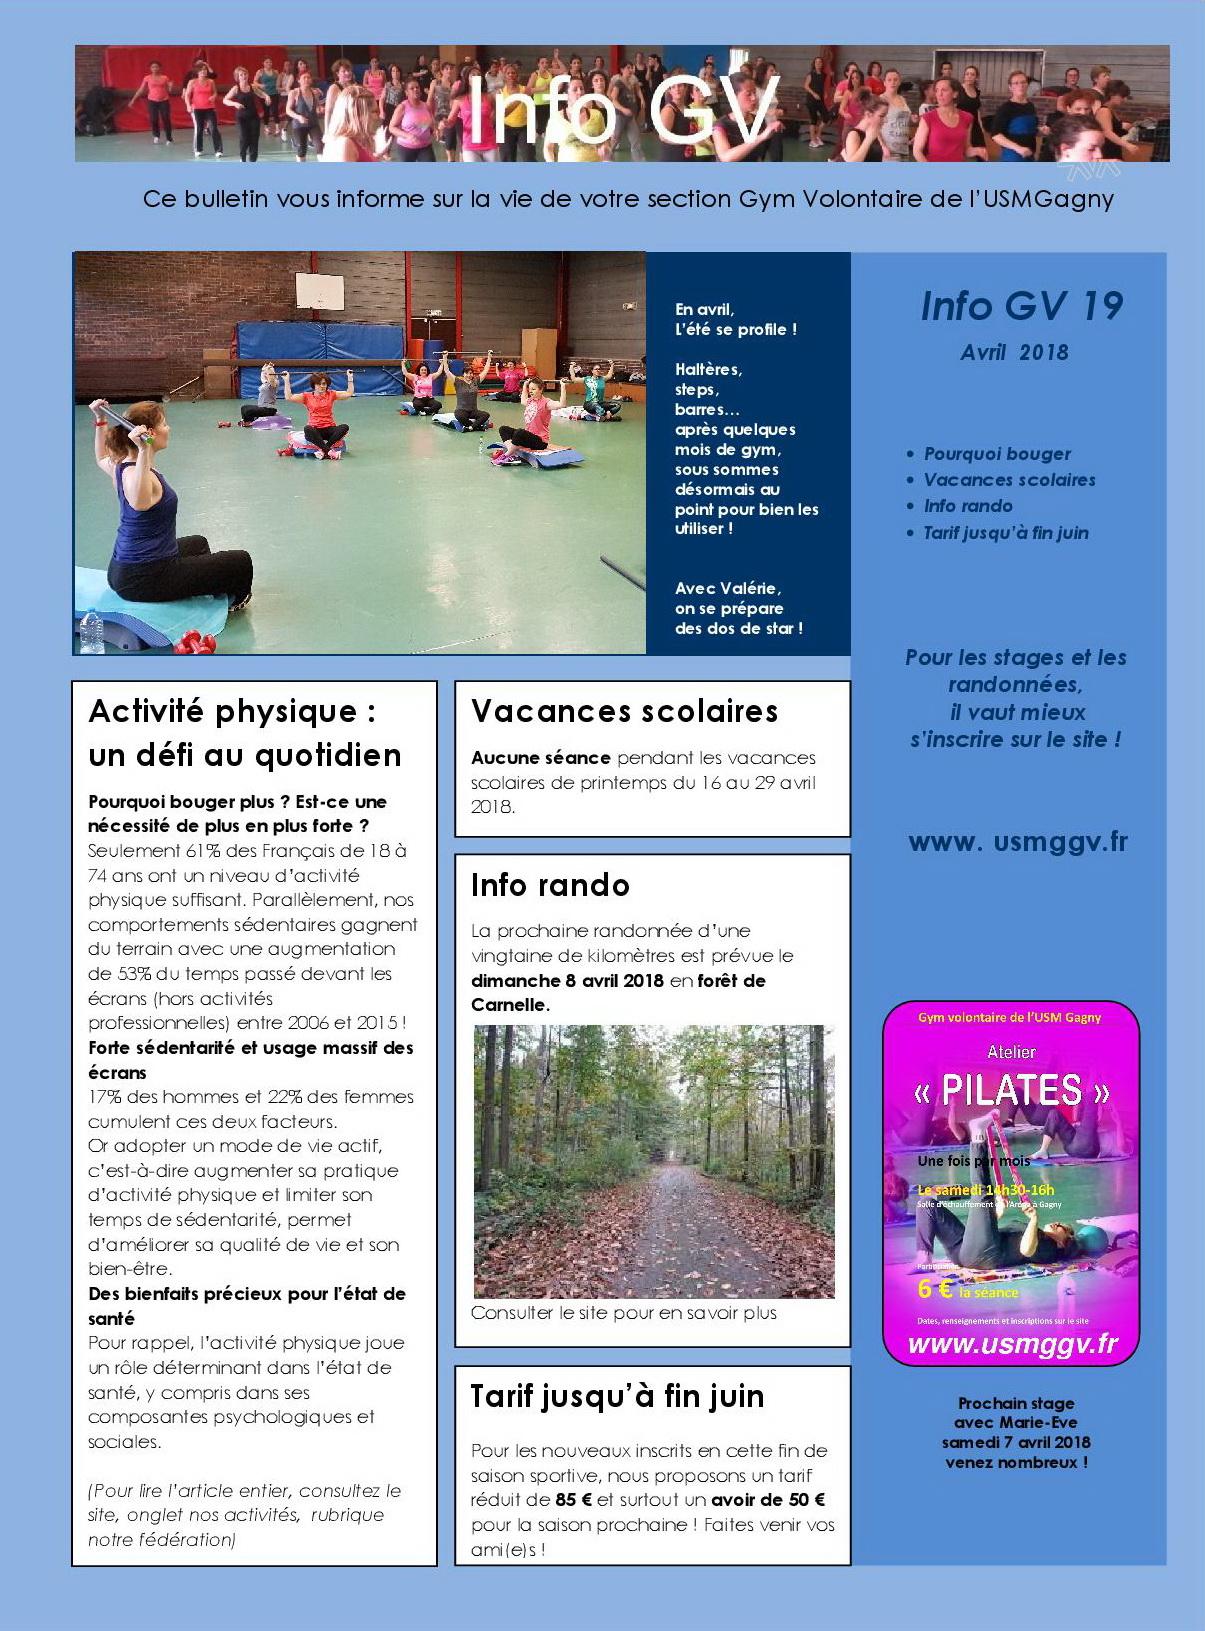 Info gv 19